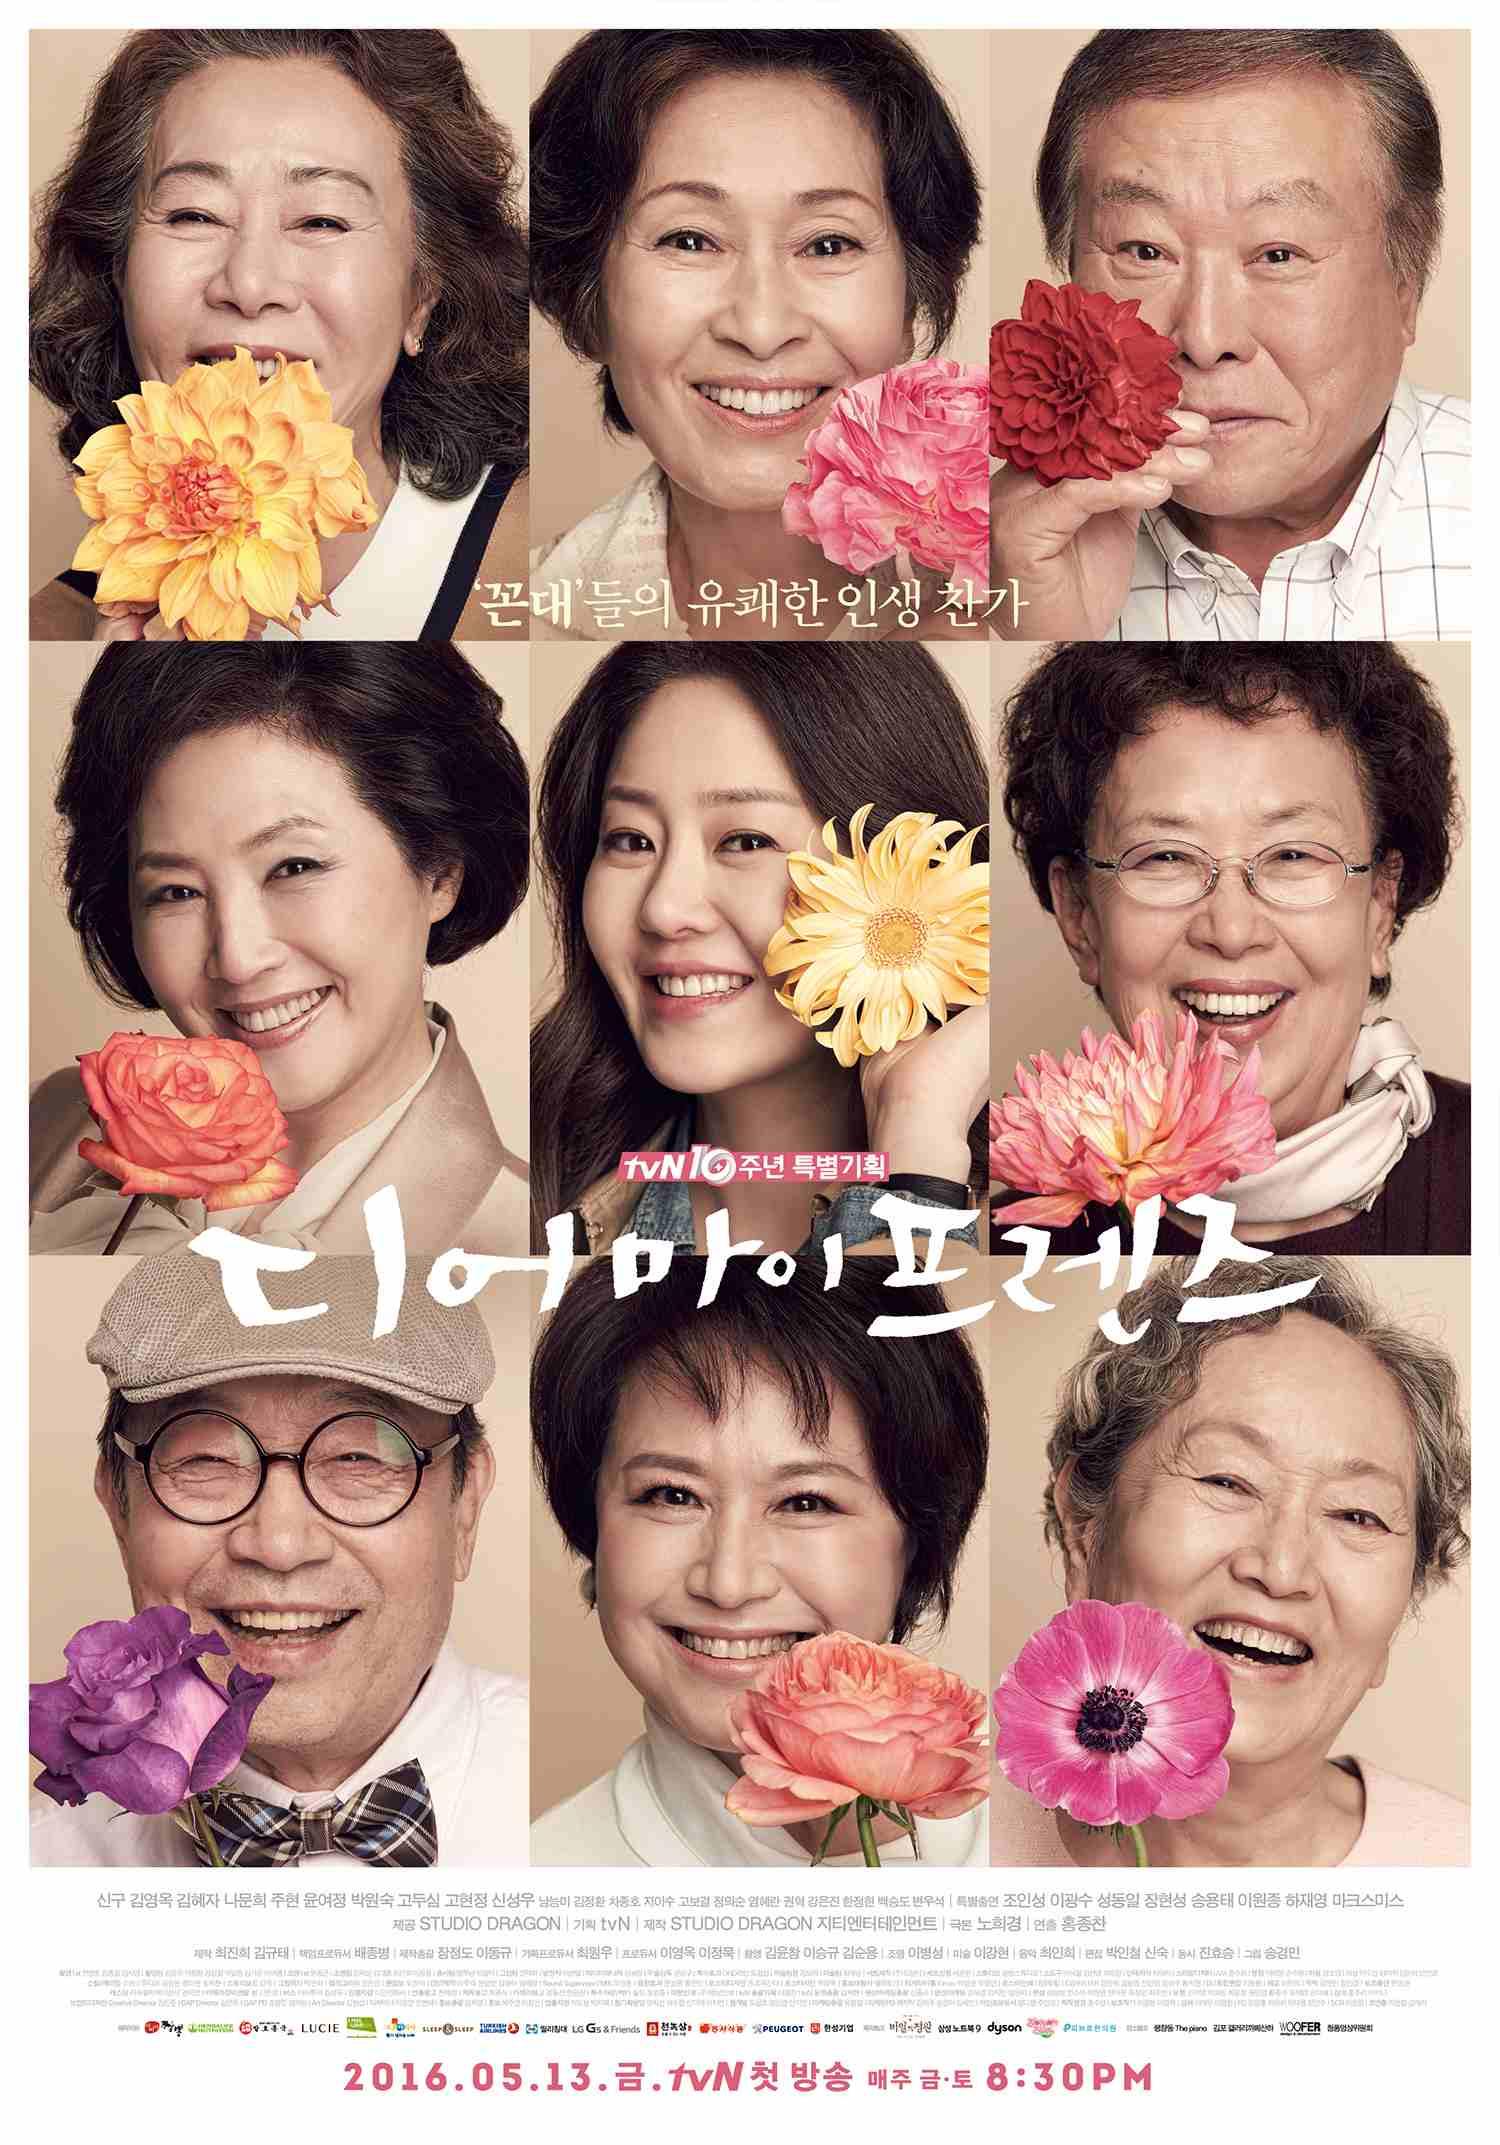 除了《又,吳海英》,tvN的另一部戲劇《Dear My Friends》,也受到許多觀眾們的注意,看多位資深的爺爺奶奶演員尬演技也很有趣阿(笑)